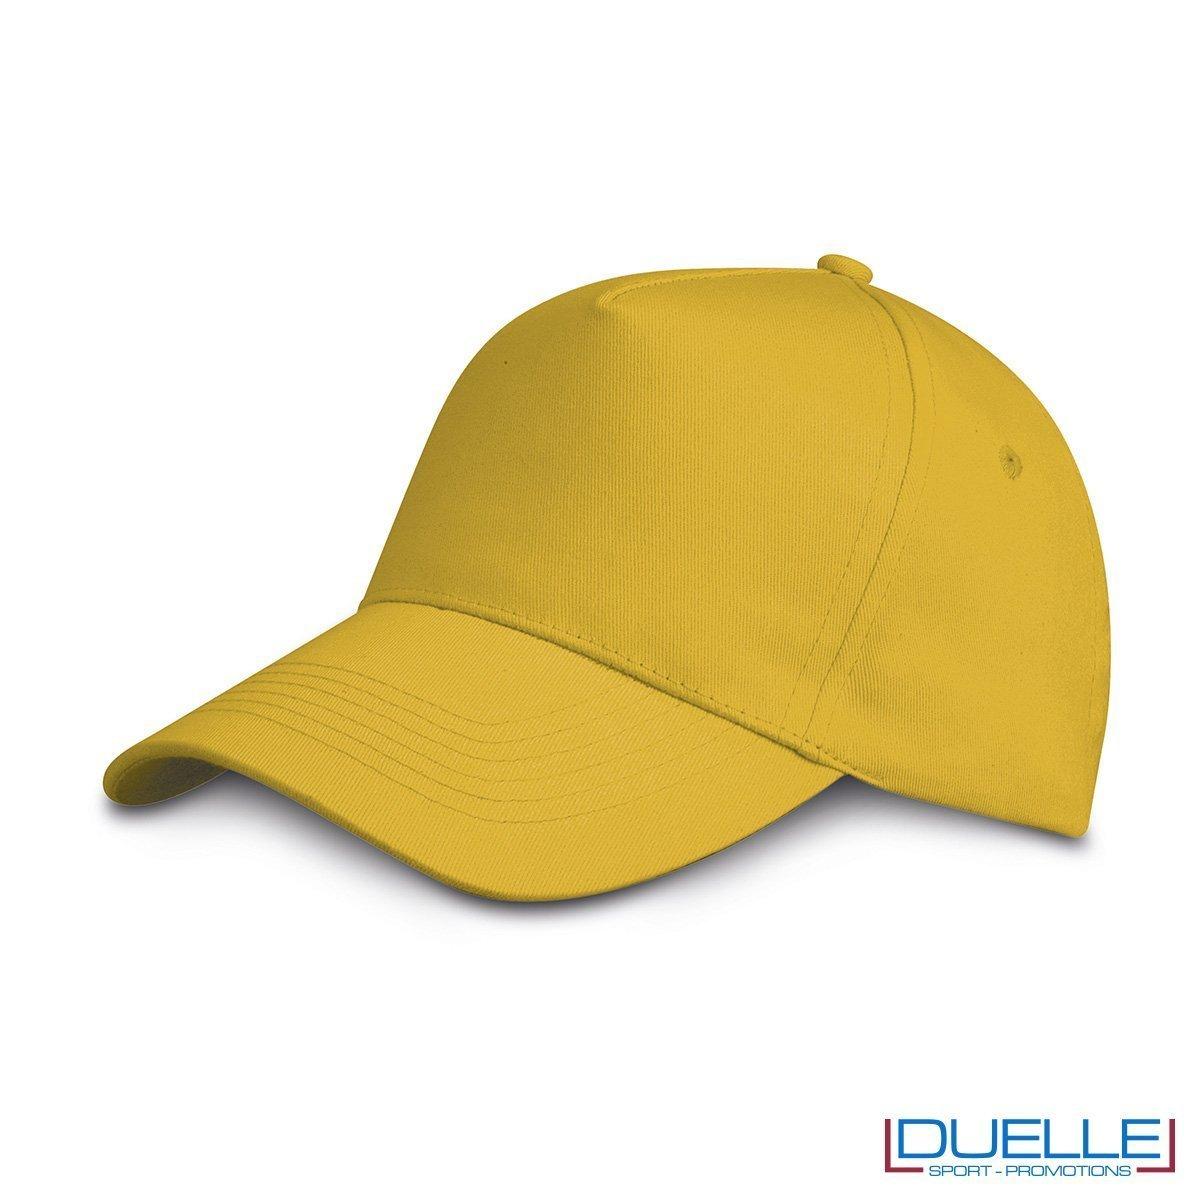 cappellino personalizzato golf a 5 pannelli colore giallo